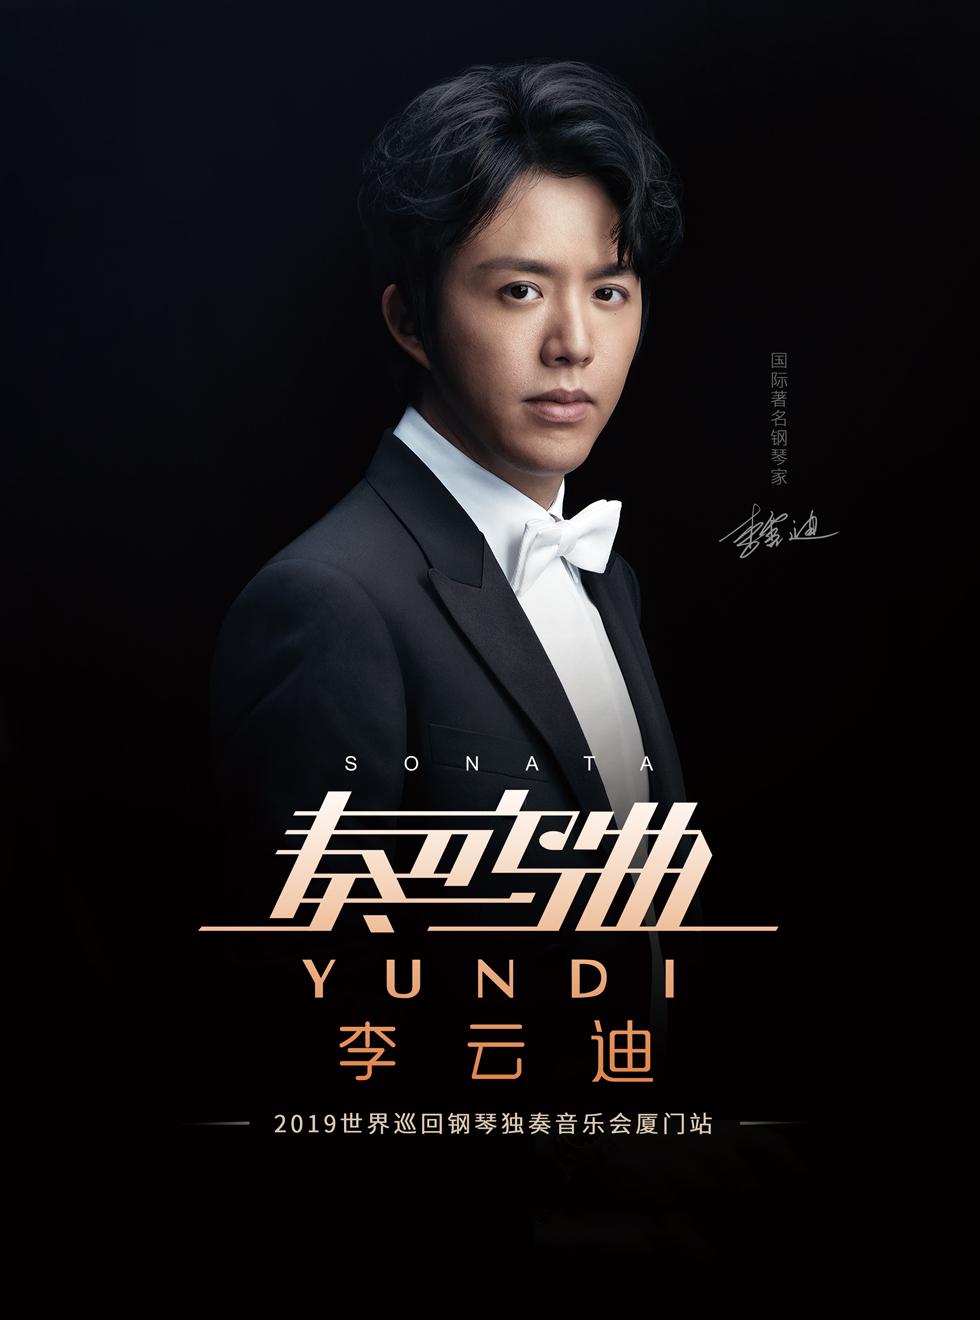 《李云迪 奏鸣曲2019世界巡回钢琴独奏音乐会厦门站》